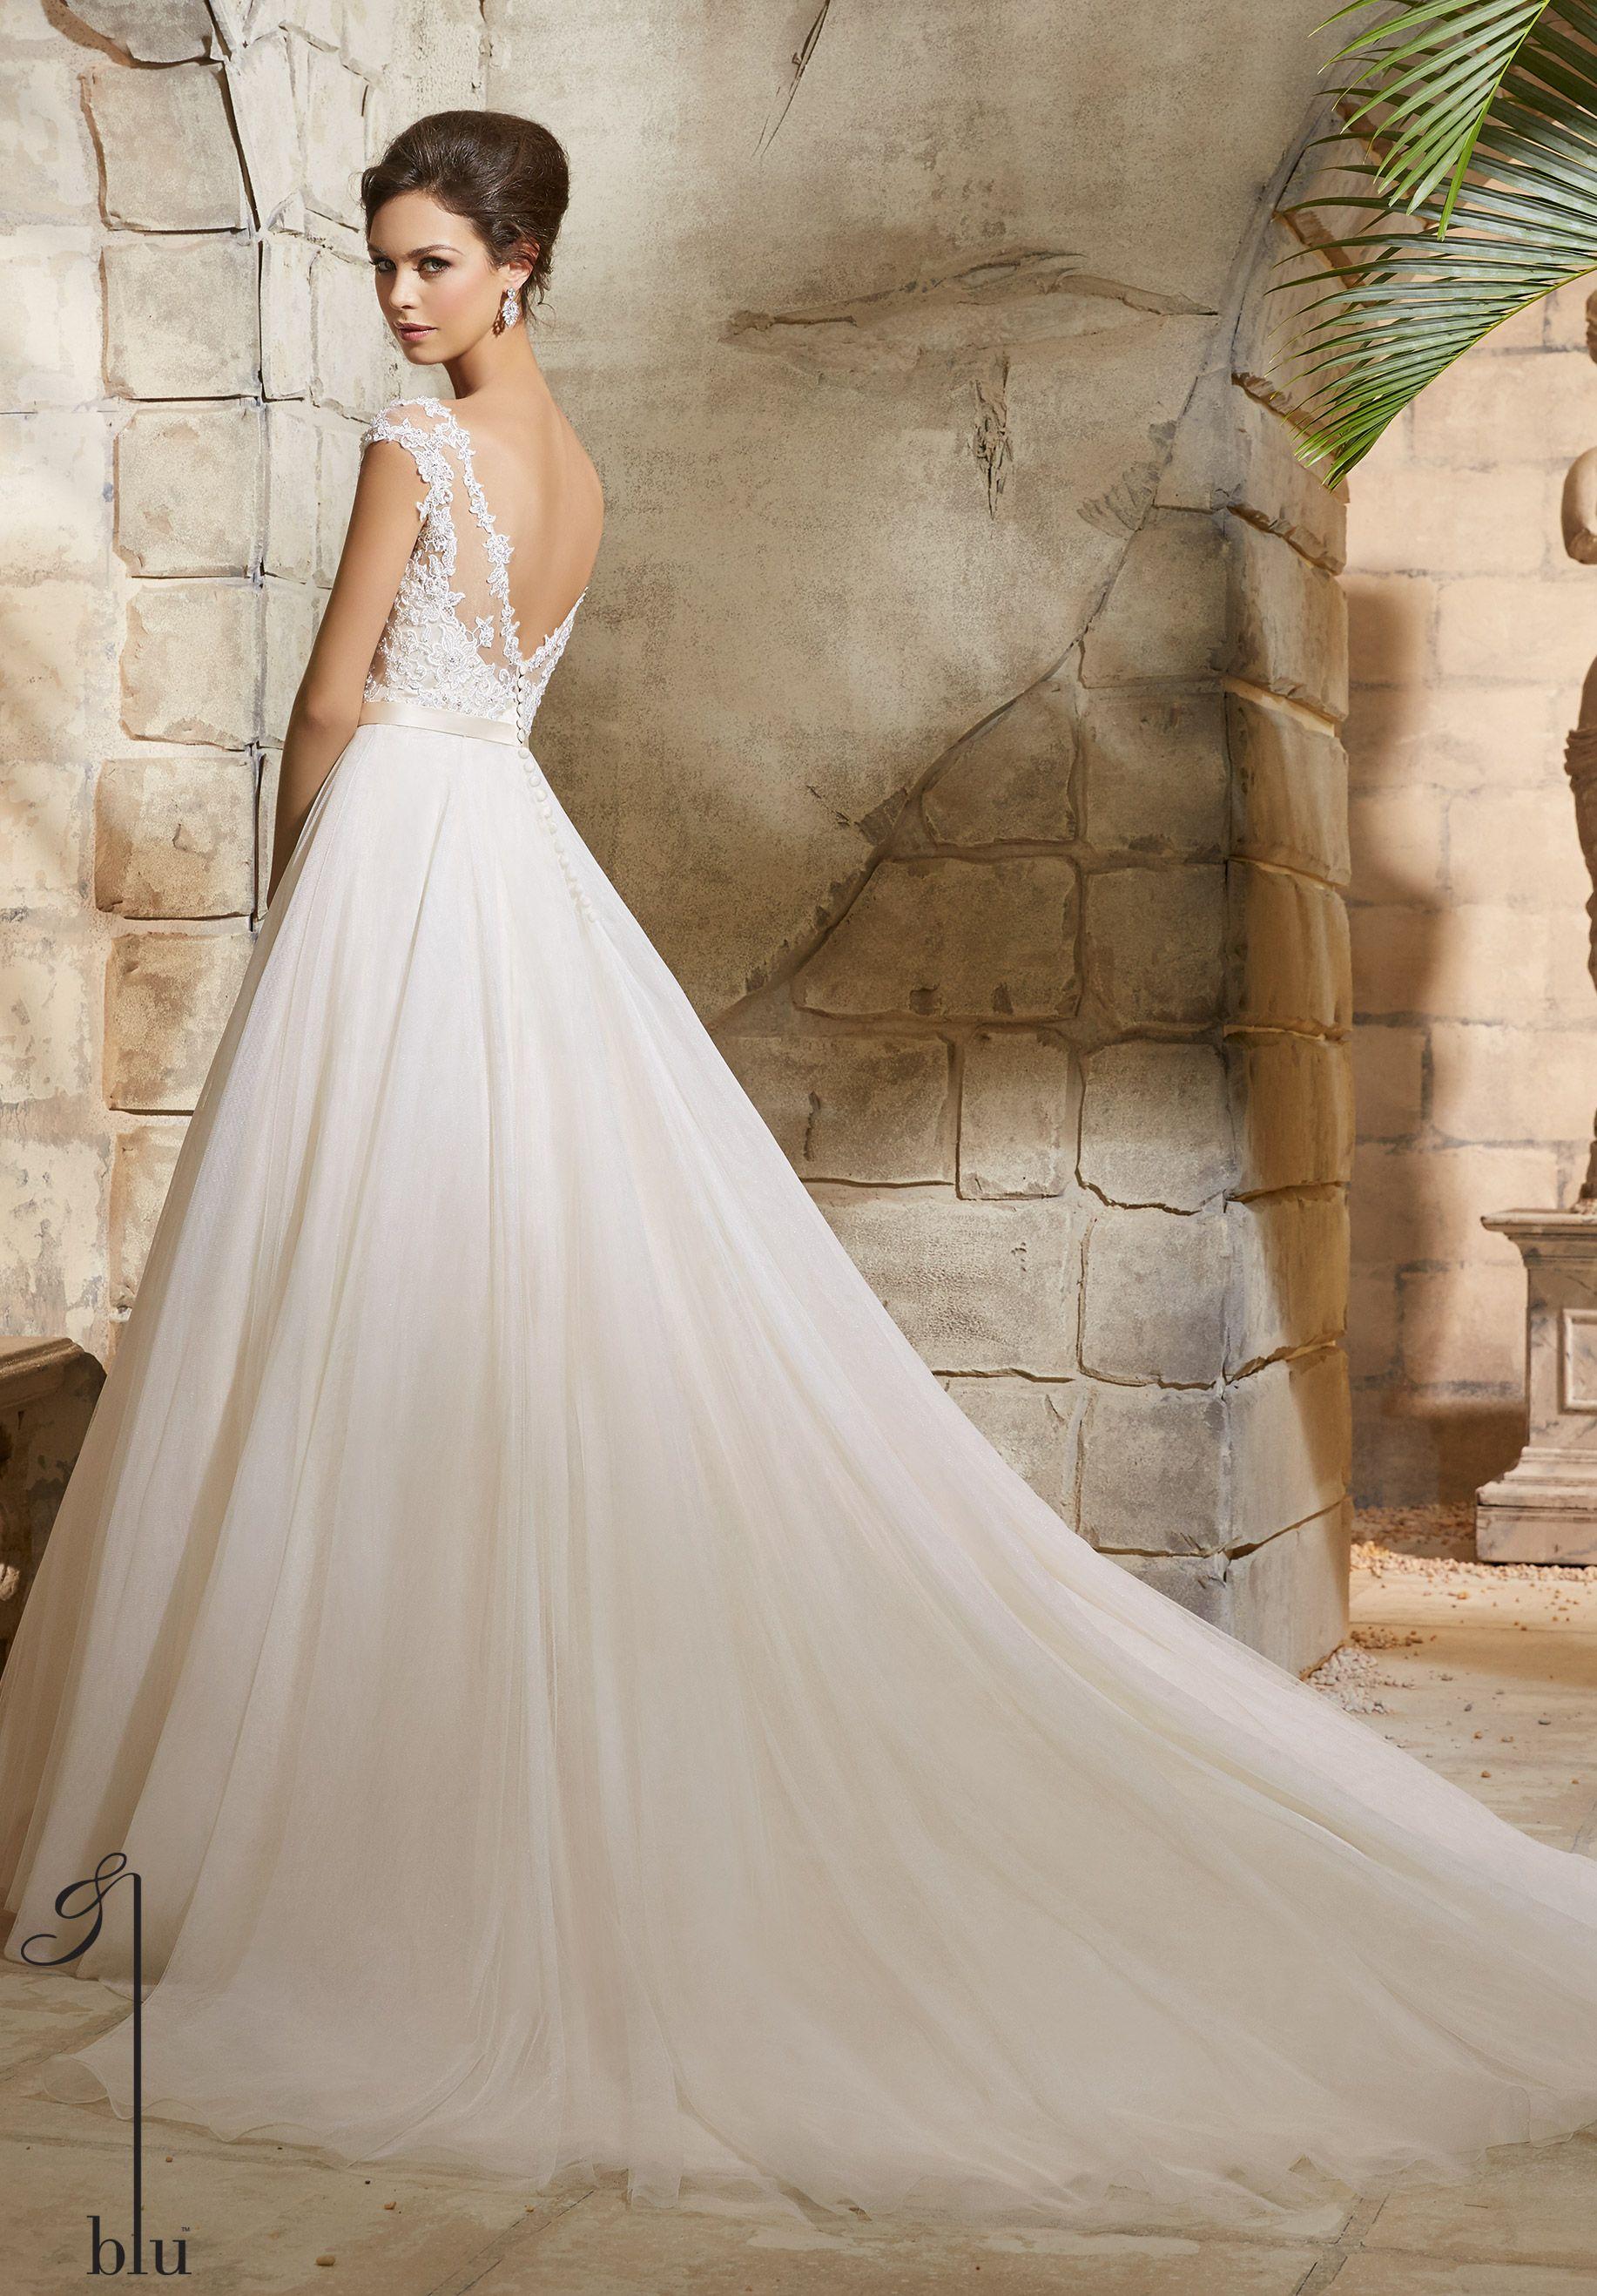 Glamorous A-line Tulle Bridal Dress. Floral appliques embellished ...